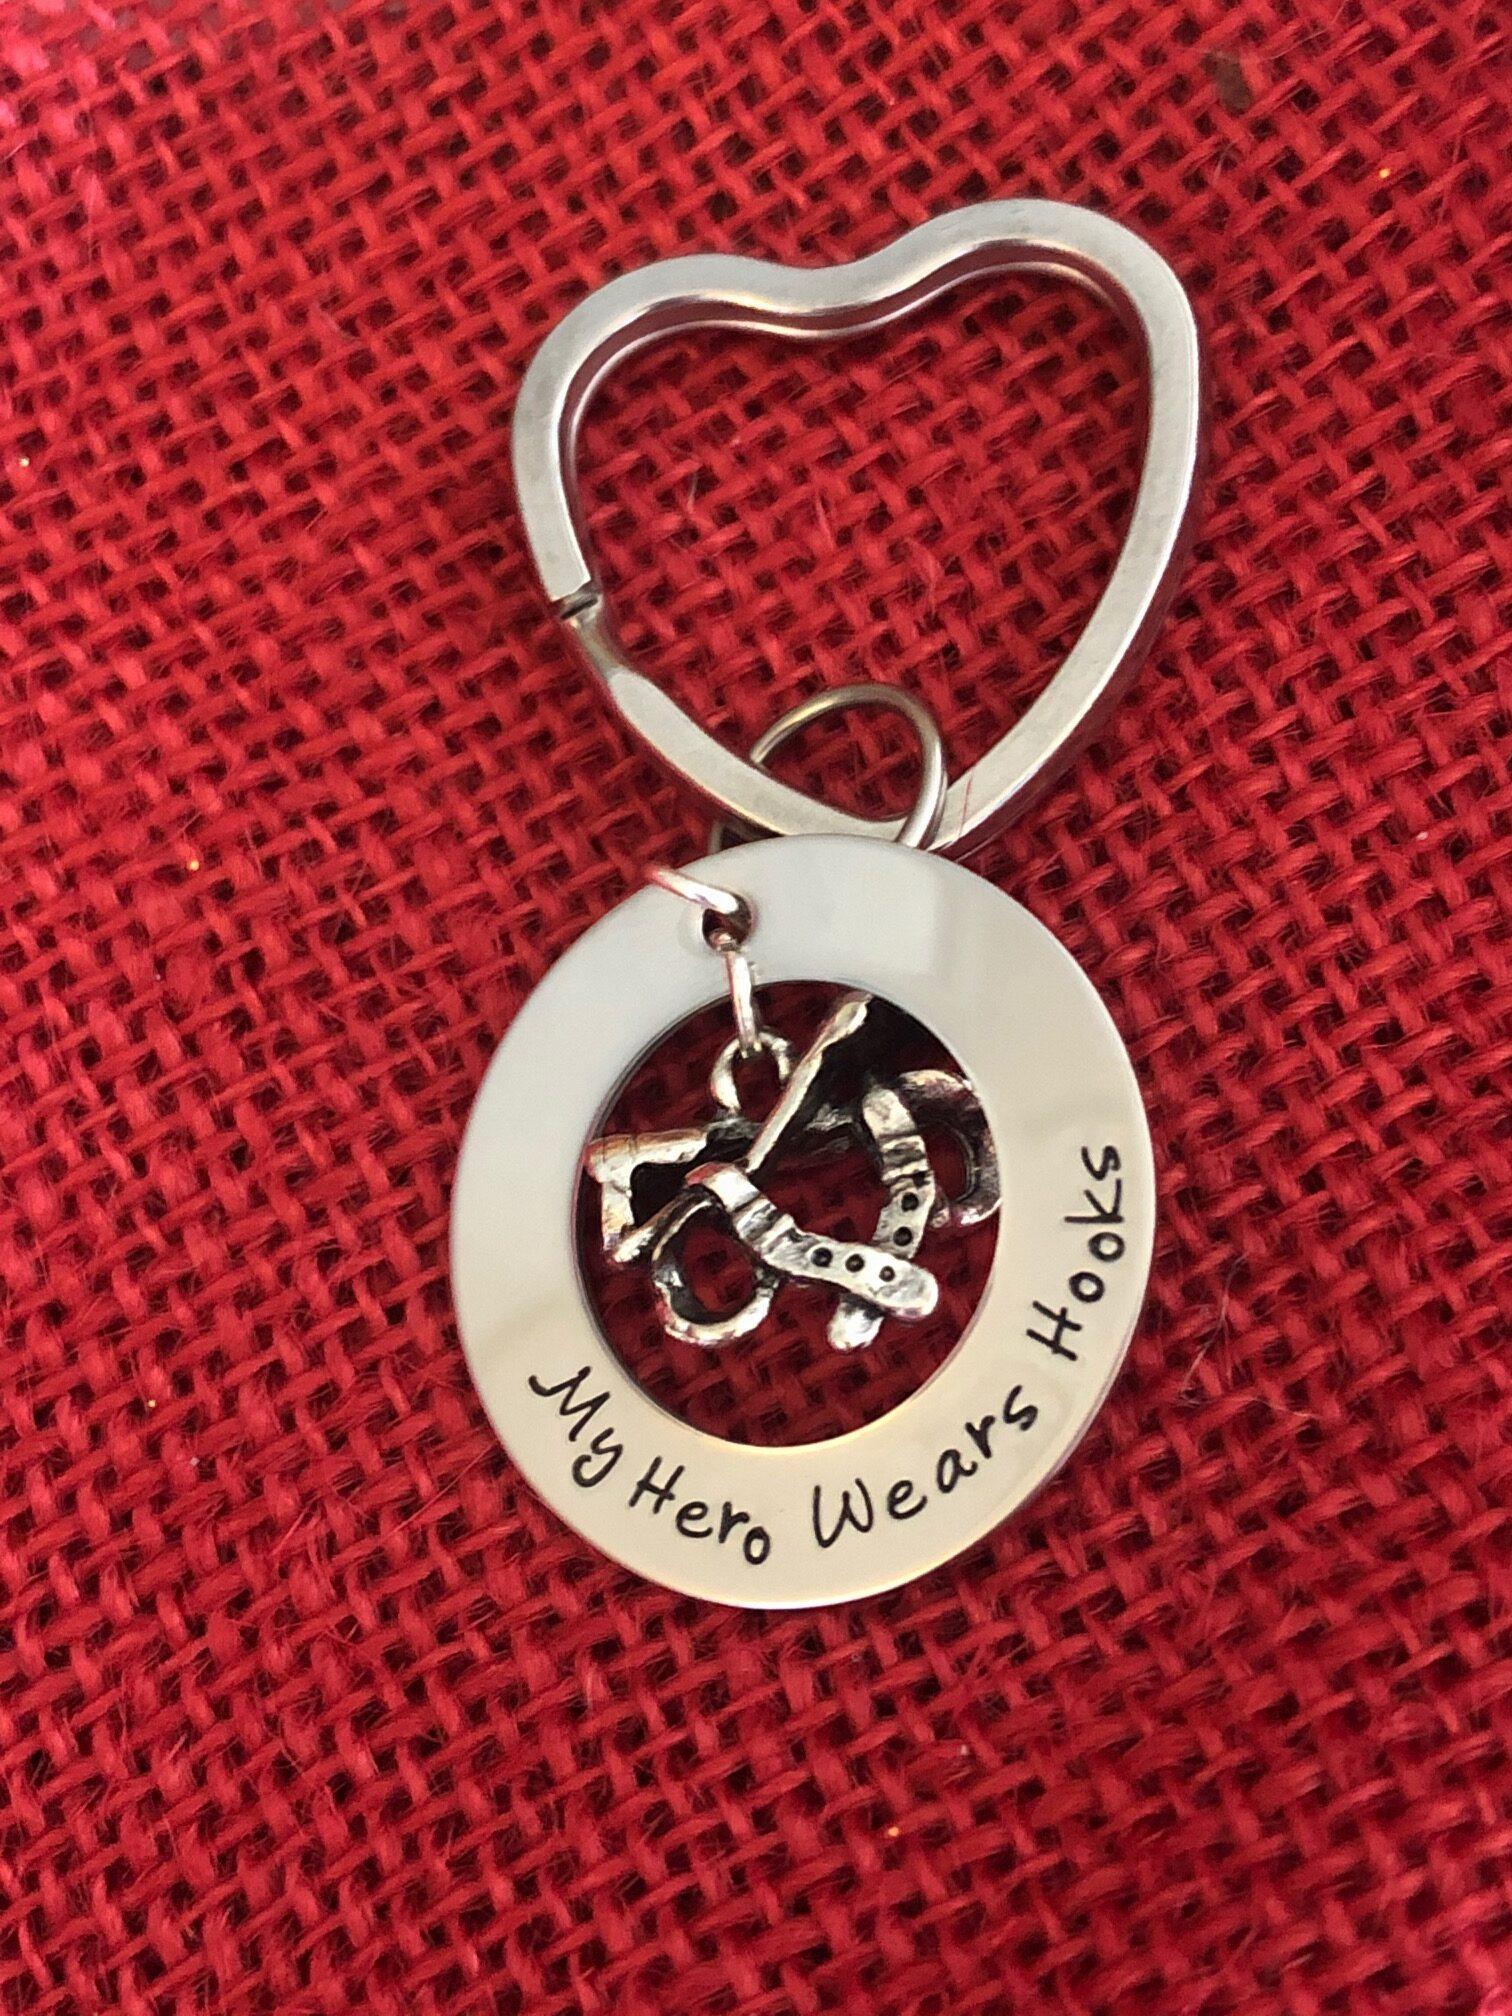 My Hero Wears Hooks Keychain